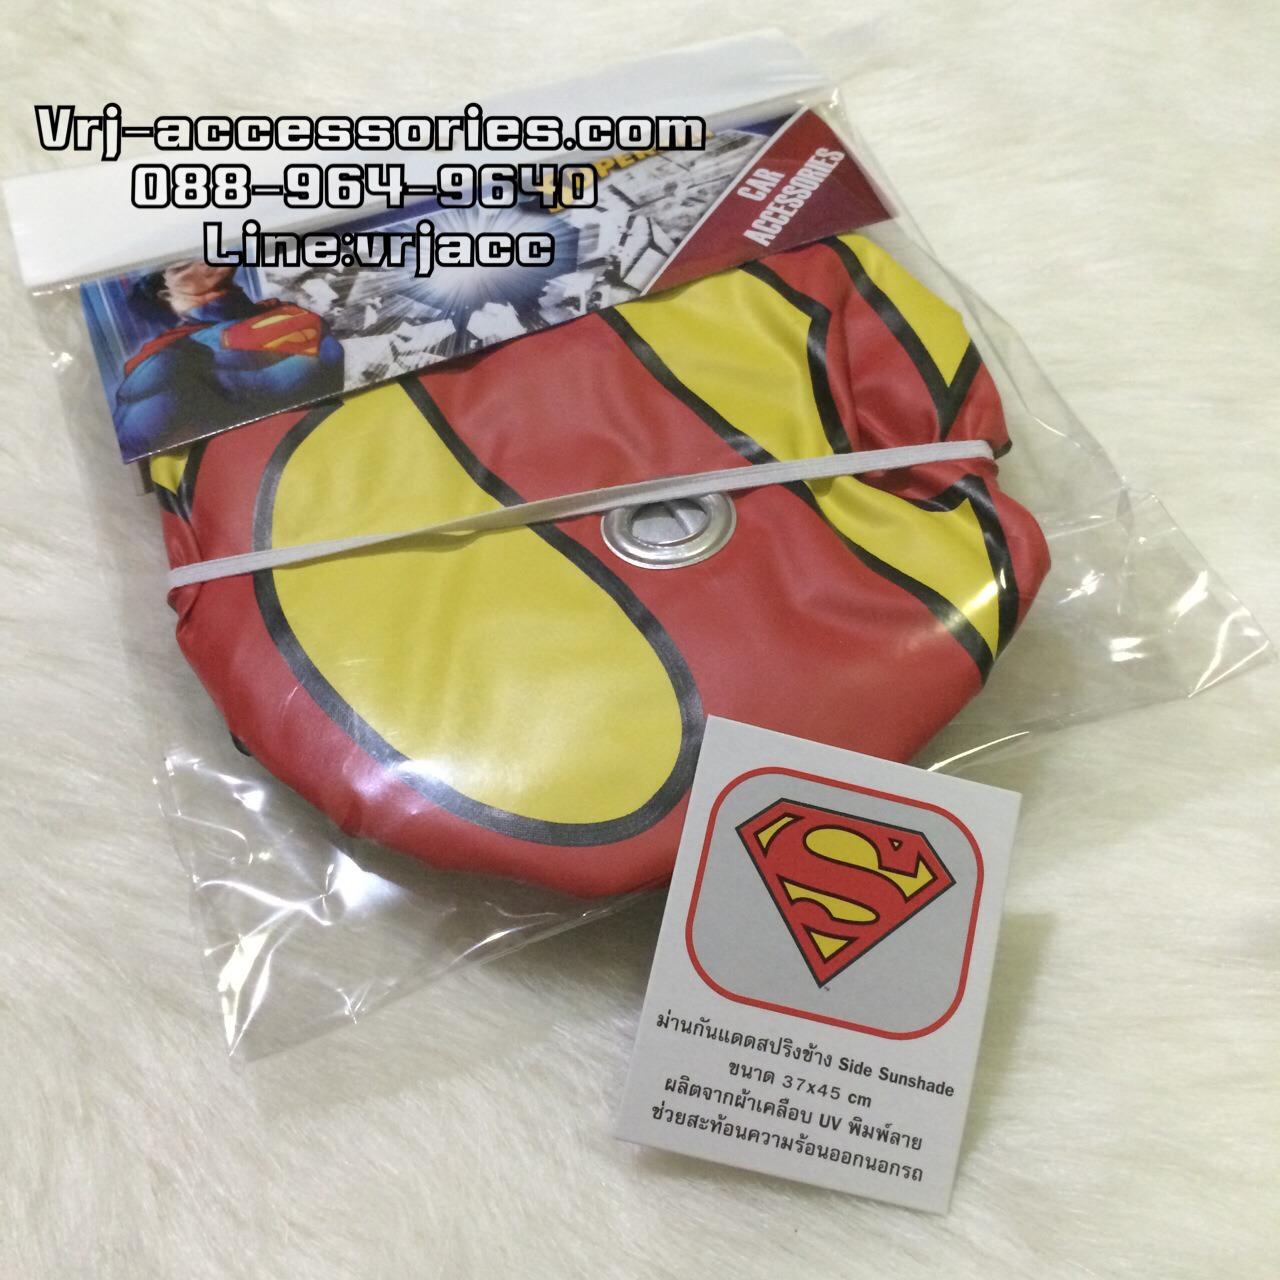 ม่านบังแดดสปริงสำหรับกระจกข้างรถยนต์ ซุปเปอร์แมน : Sunshade: - SUPERMAN